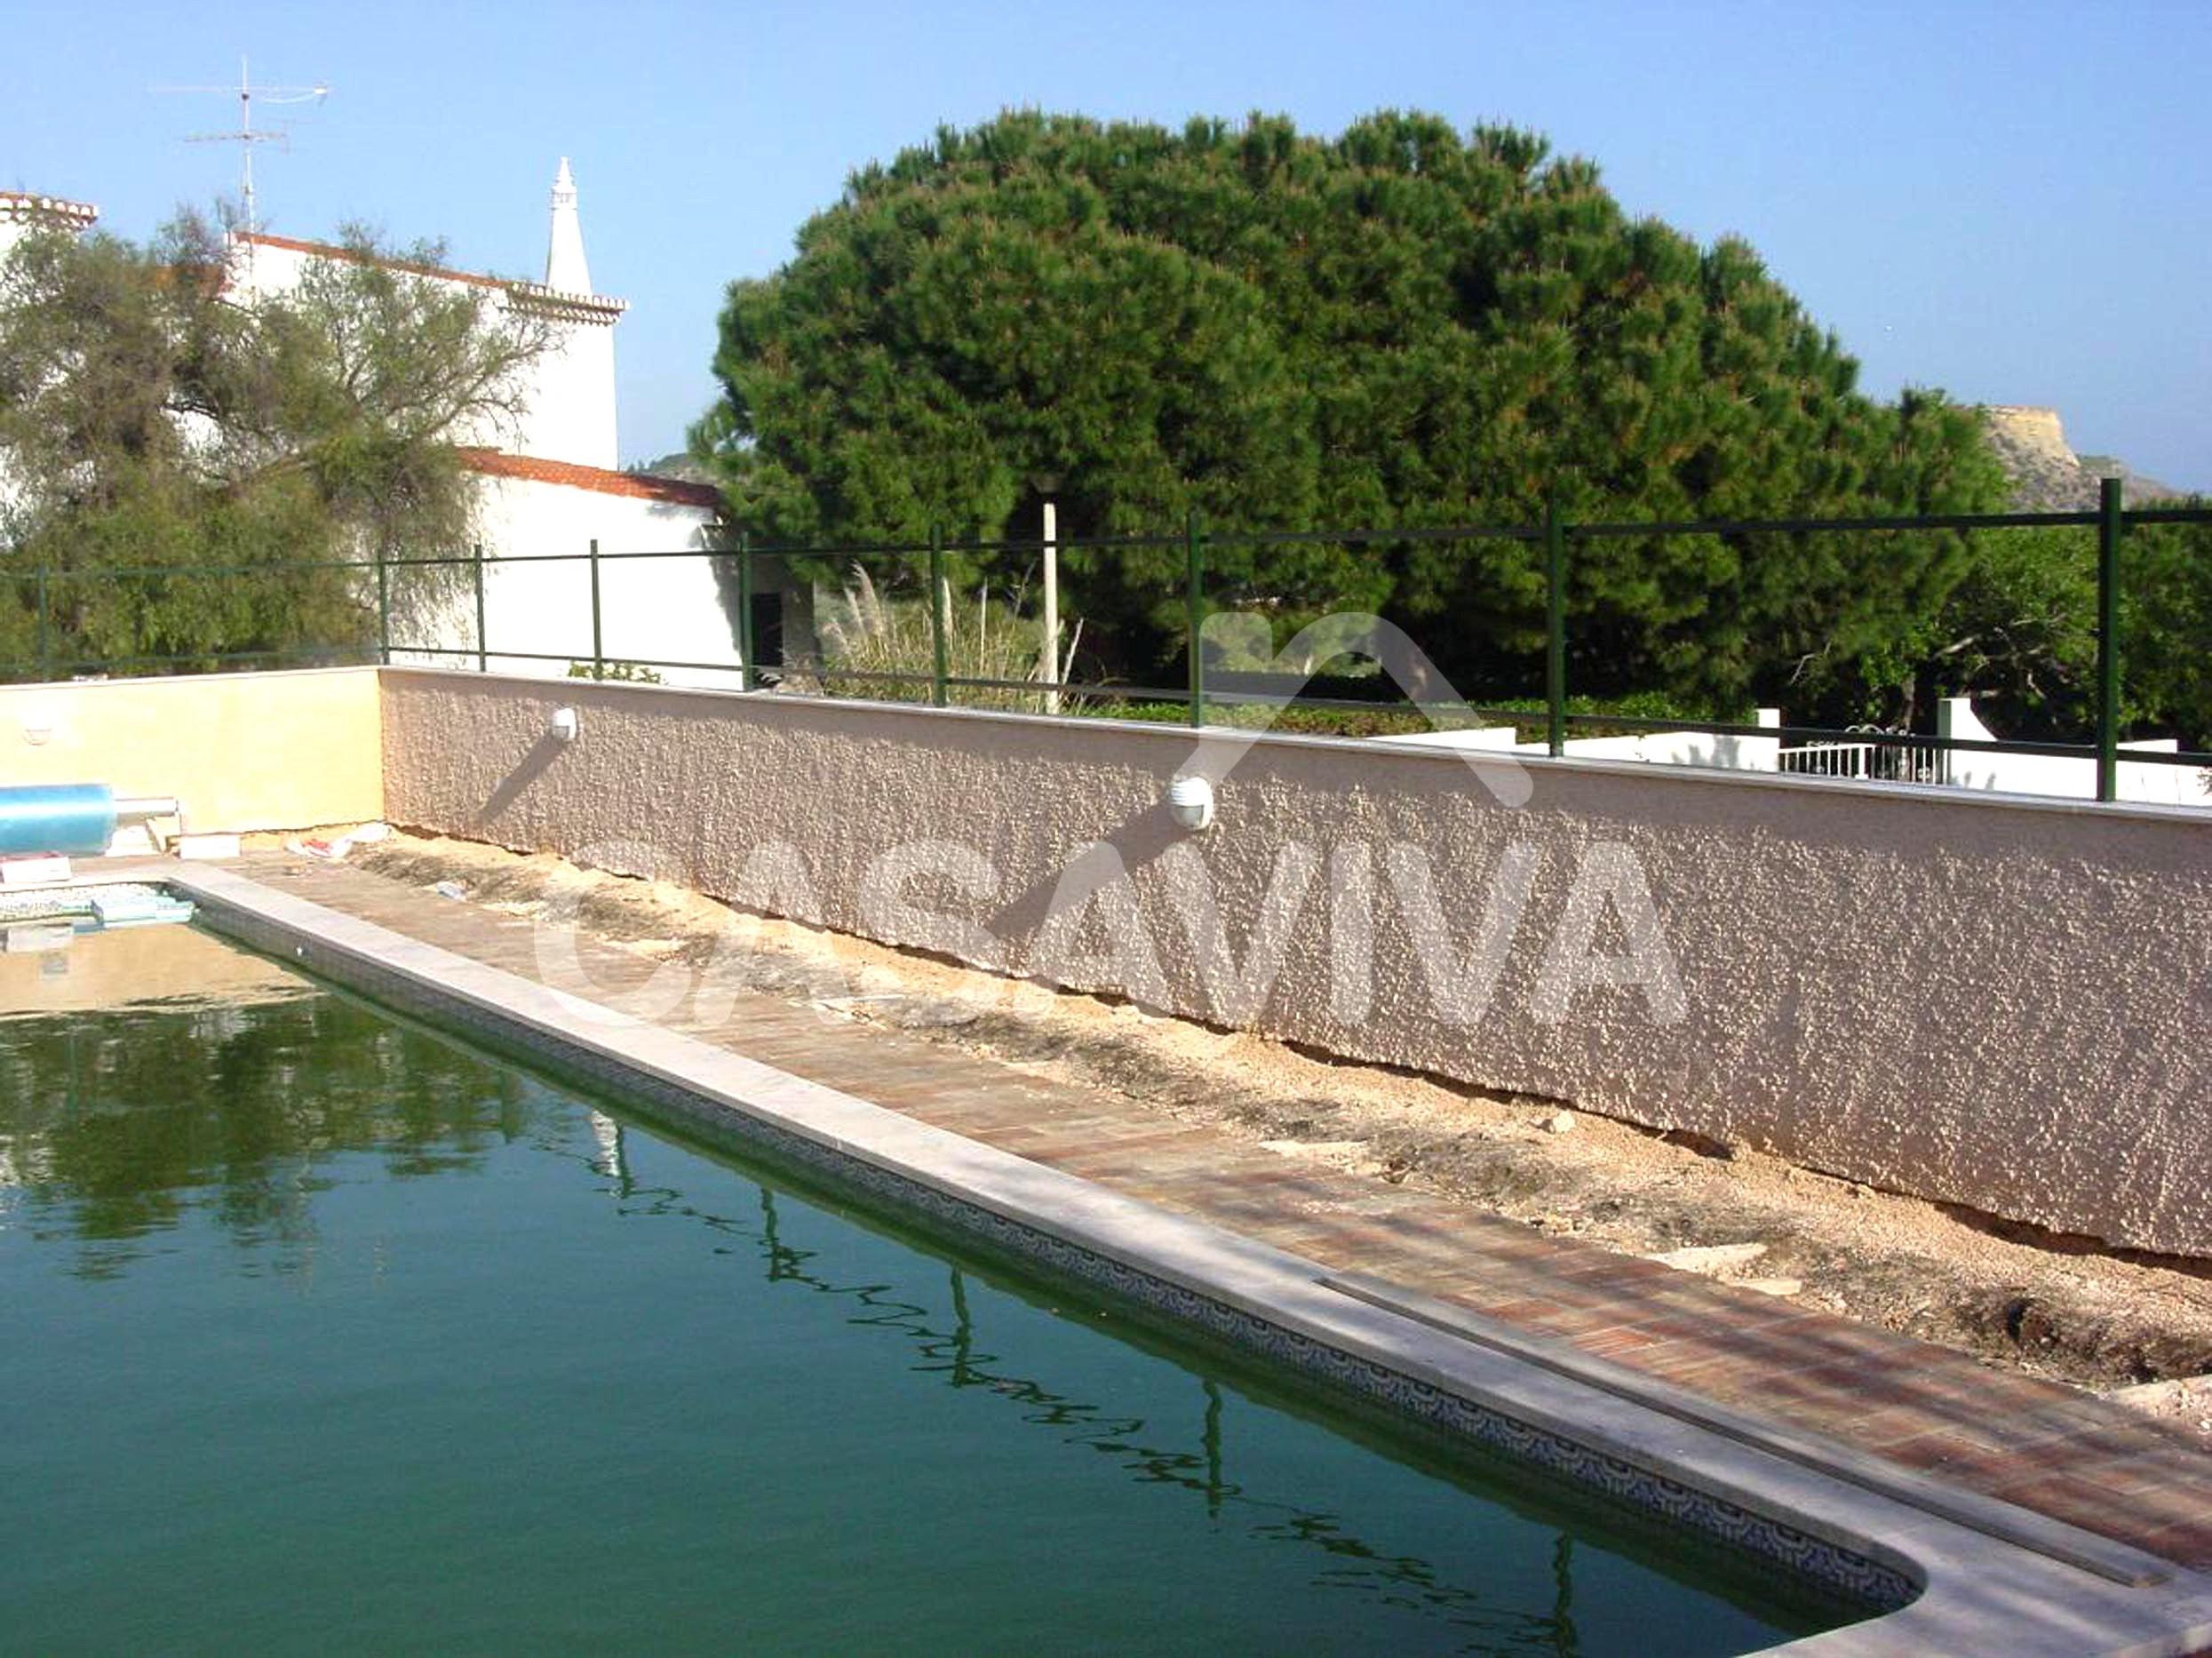 Pavimento existente a substituir no pavimento envolvente da piscina.